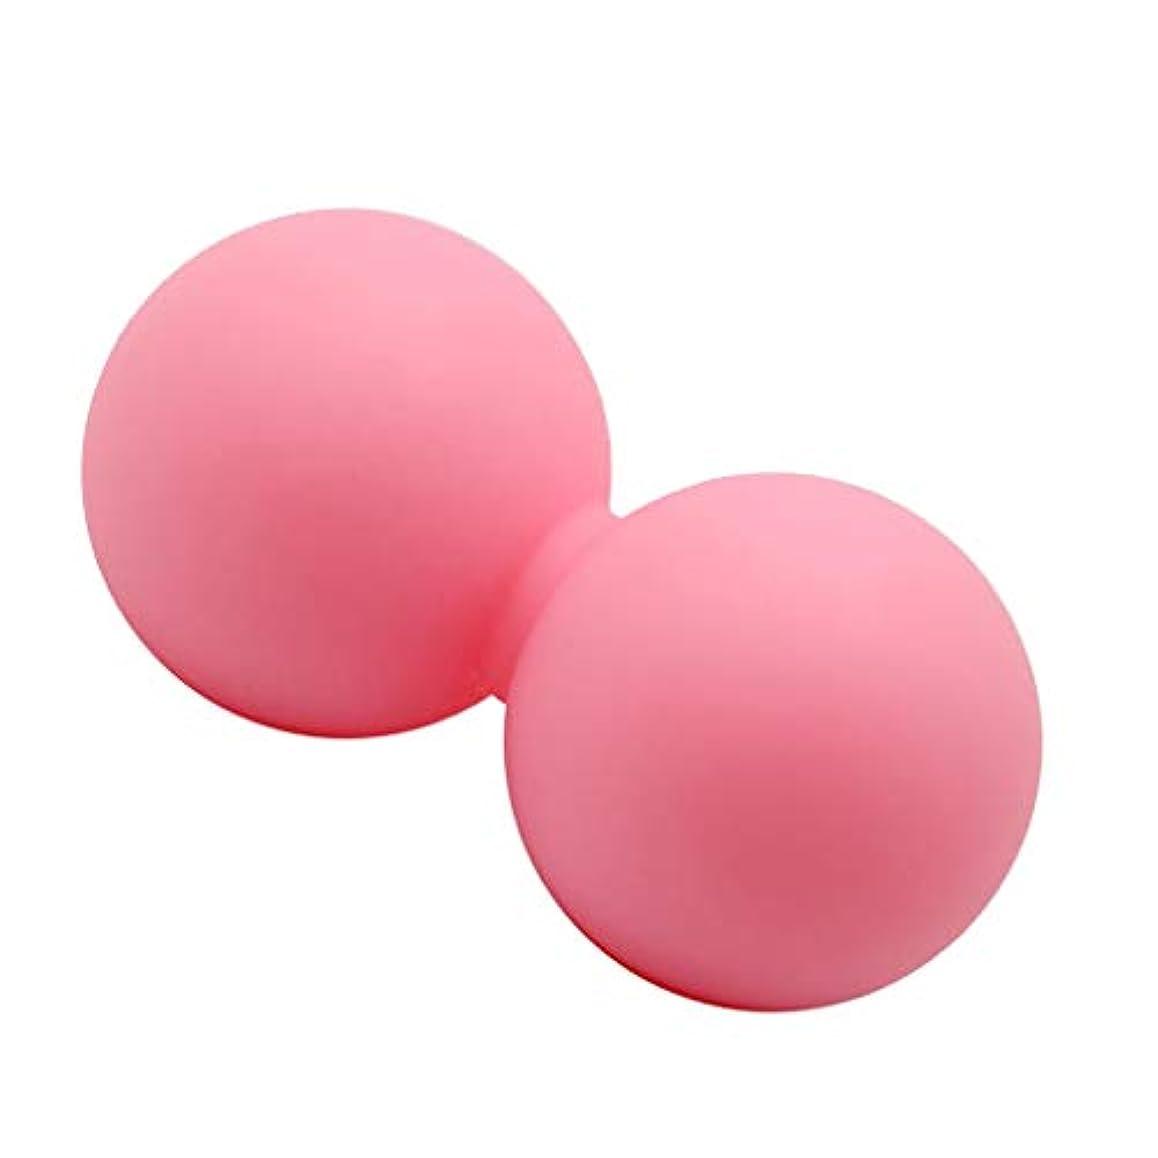 工場はがき悪因子Baoblaze マッサージ ヨガボール ピーナッツ形 痛み緩和 ピンク